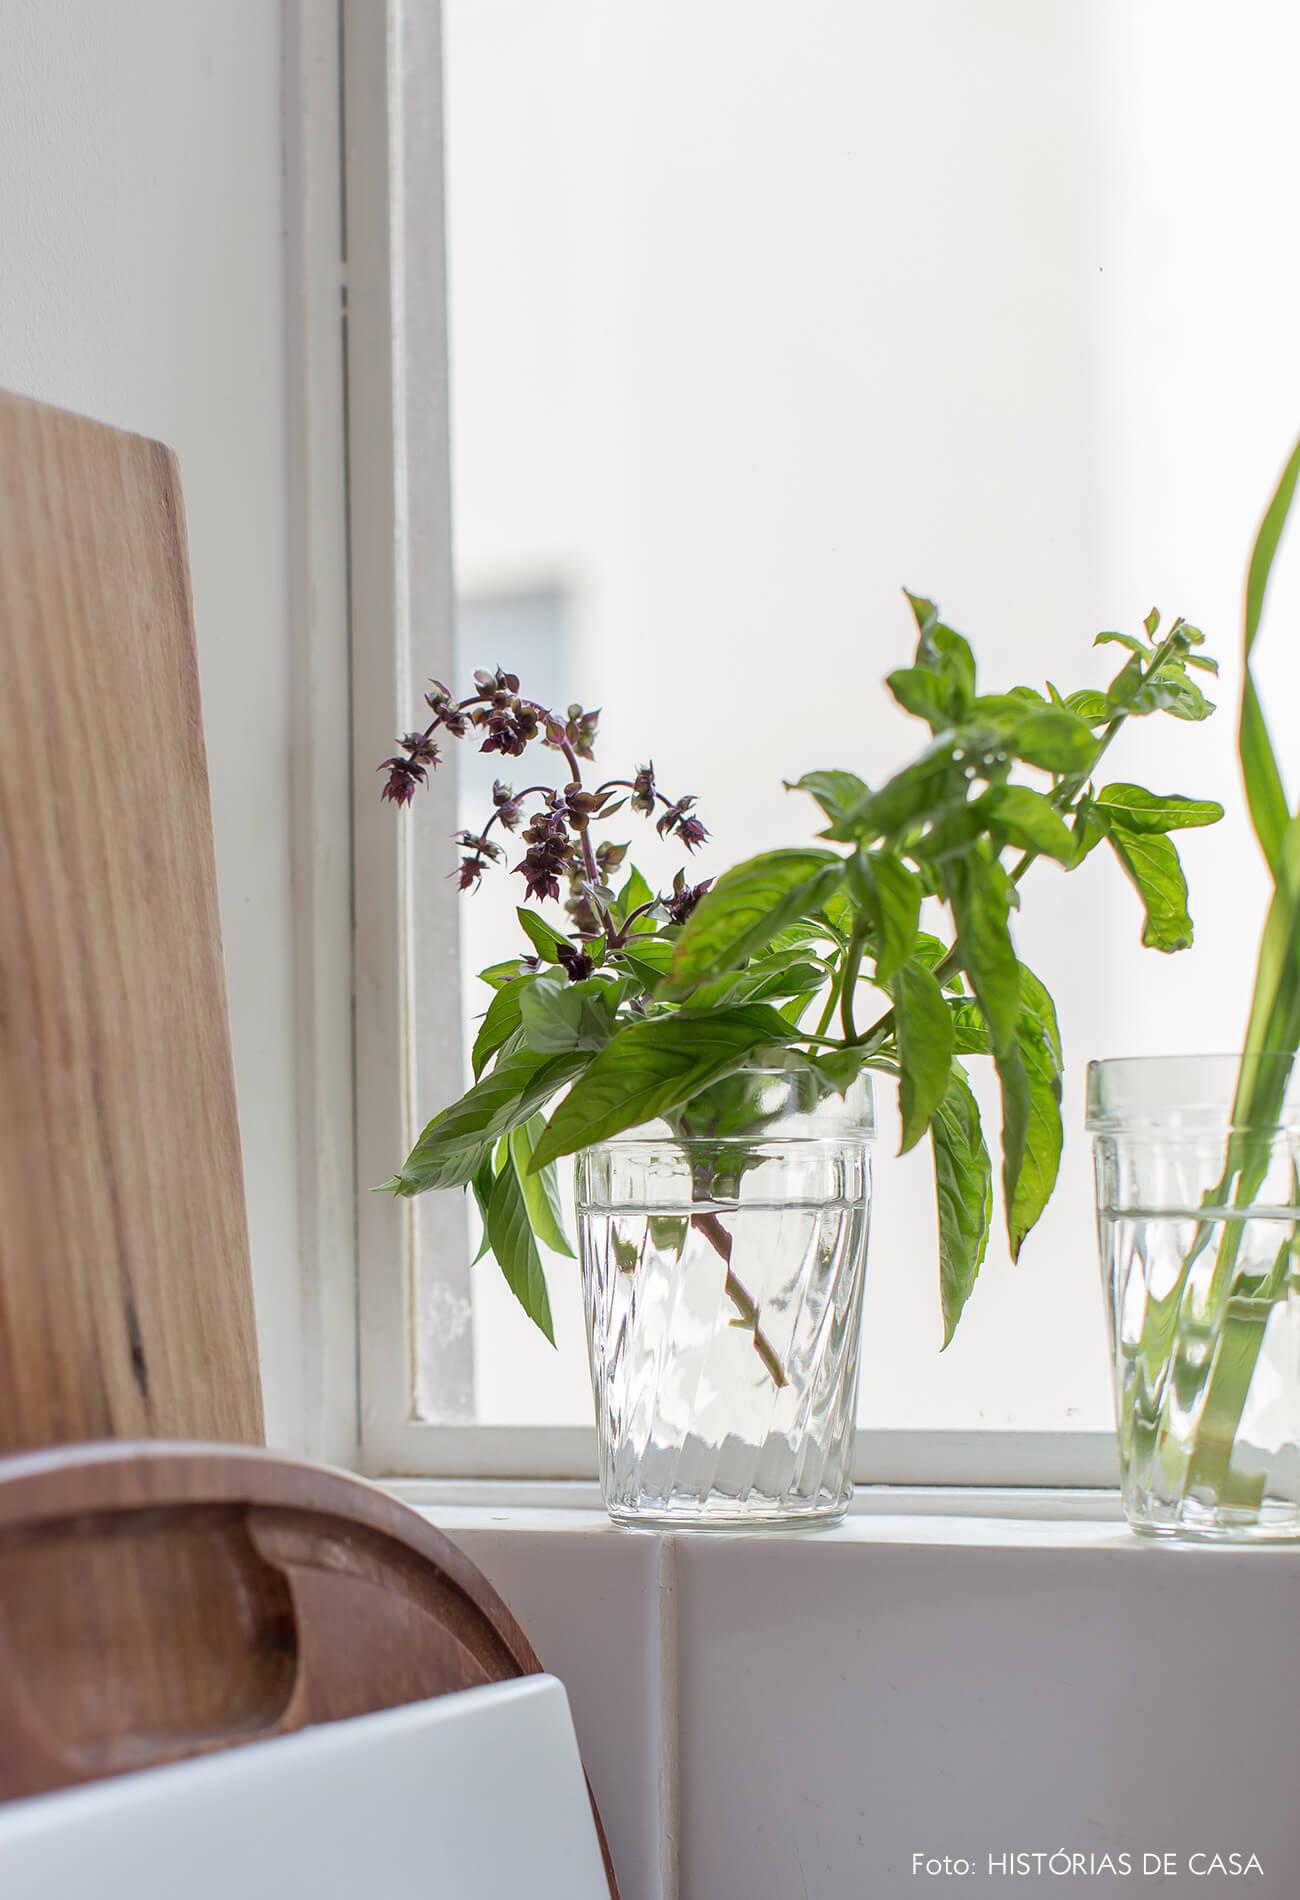 Cozinha com copos e tempero, ervas